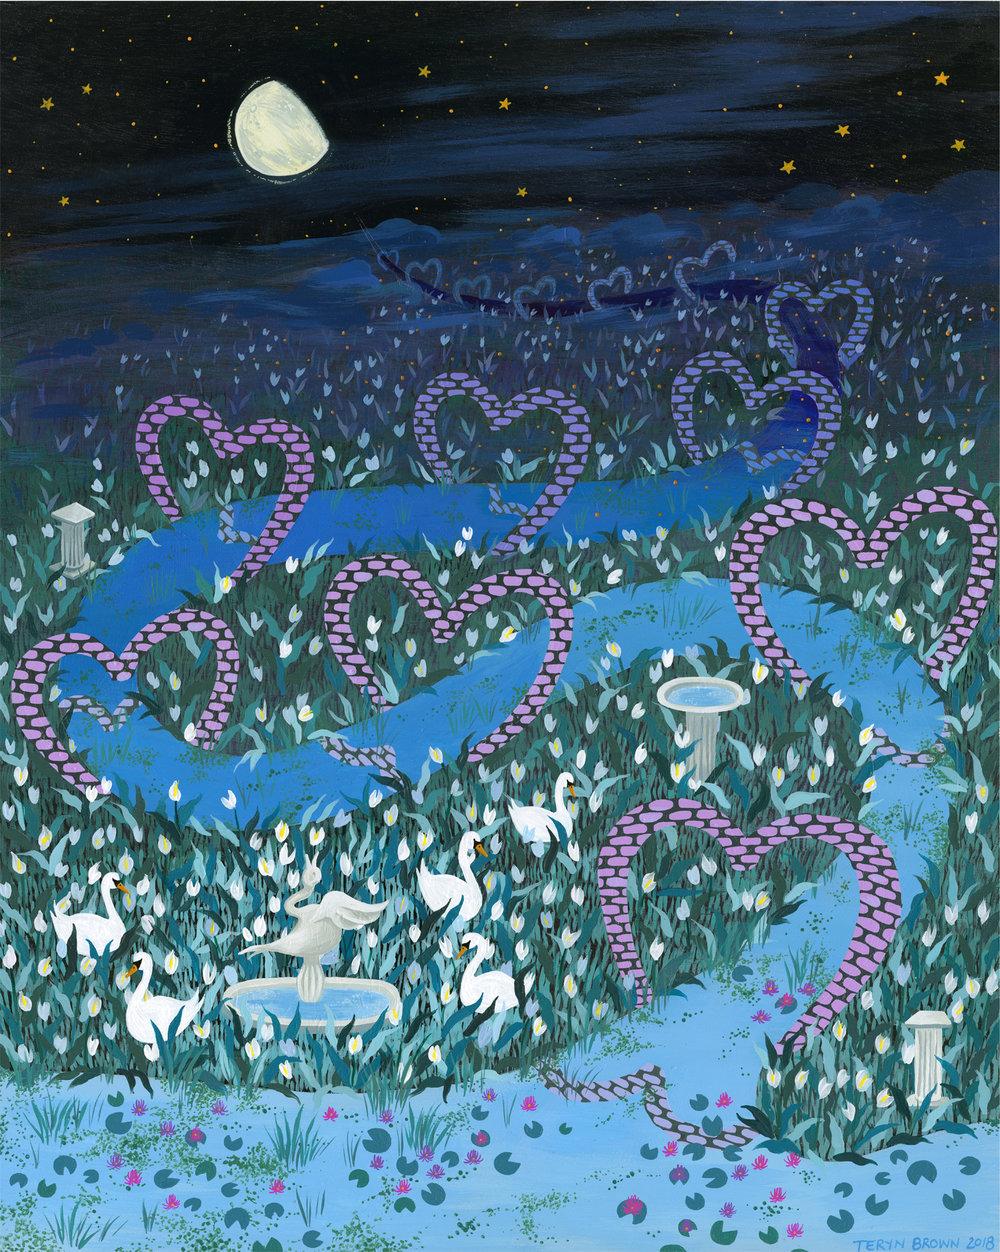 moon river, dream maker